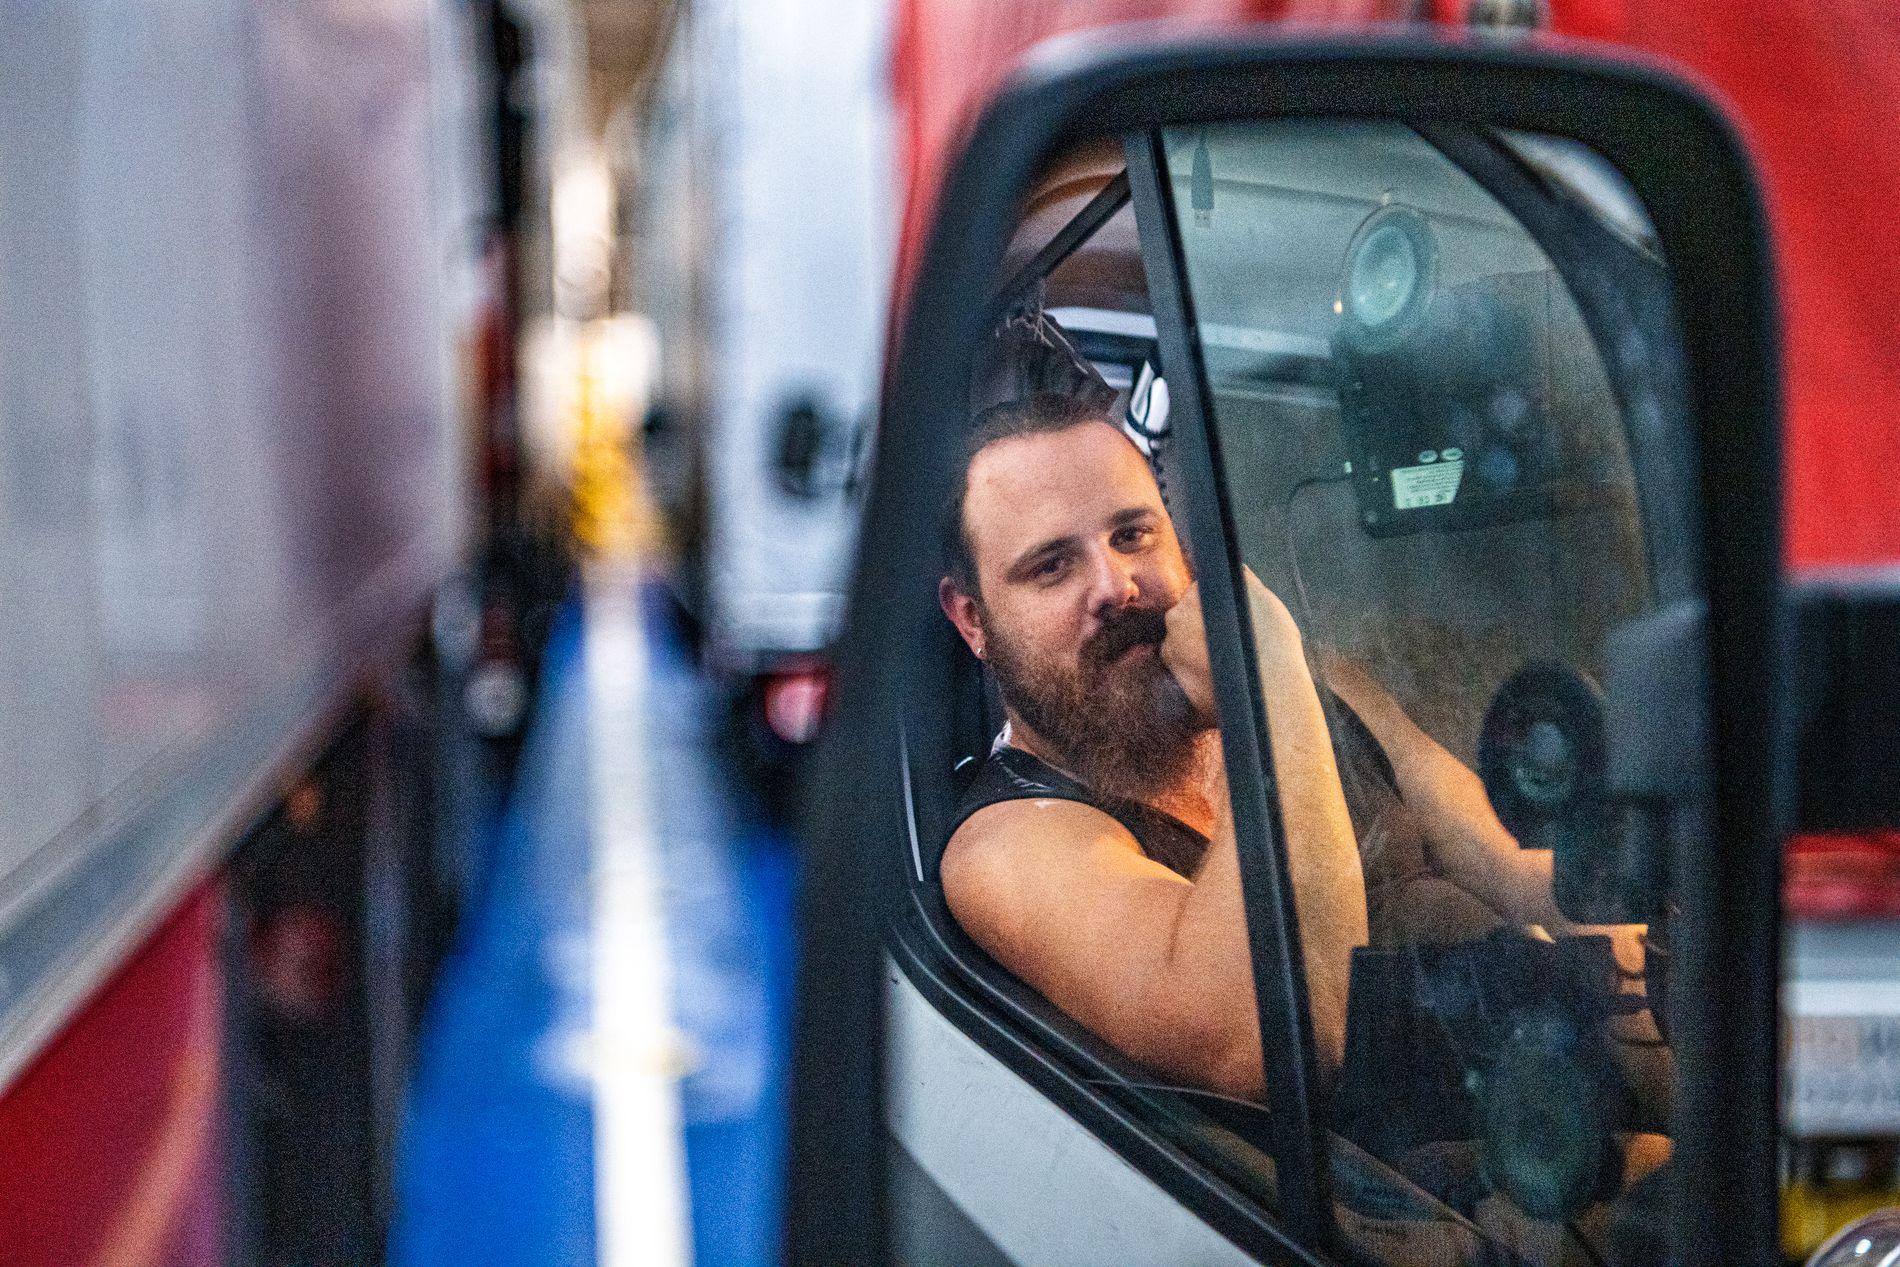 LANG NATT: Polske Krzysztof Hasse (29) liker jobben som lastebilsjåfør, men lurer på hva som skjer etter brexit. Venter her på og kjøre ut av fergen i Calais i Frankrike